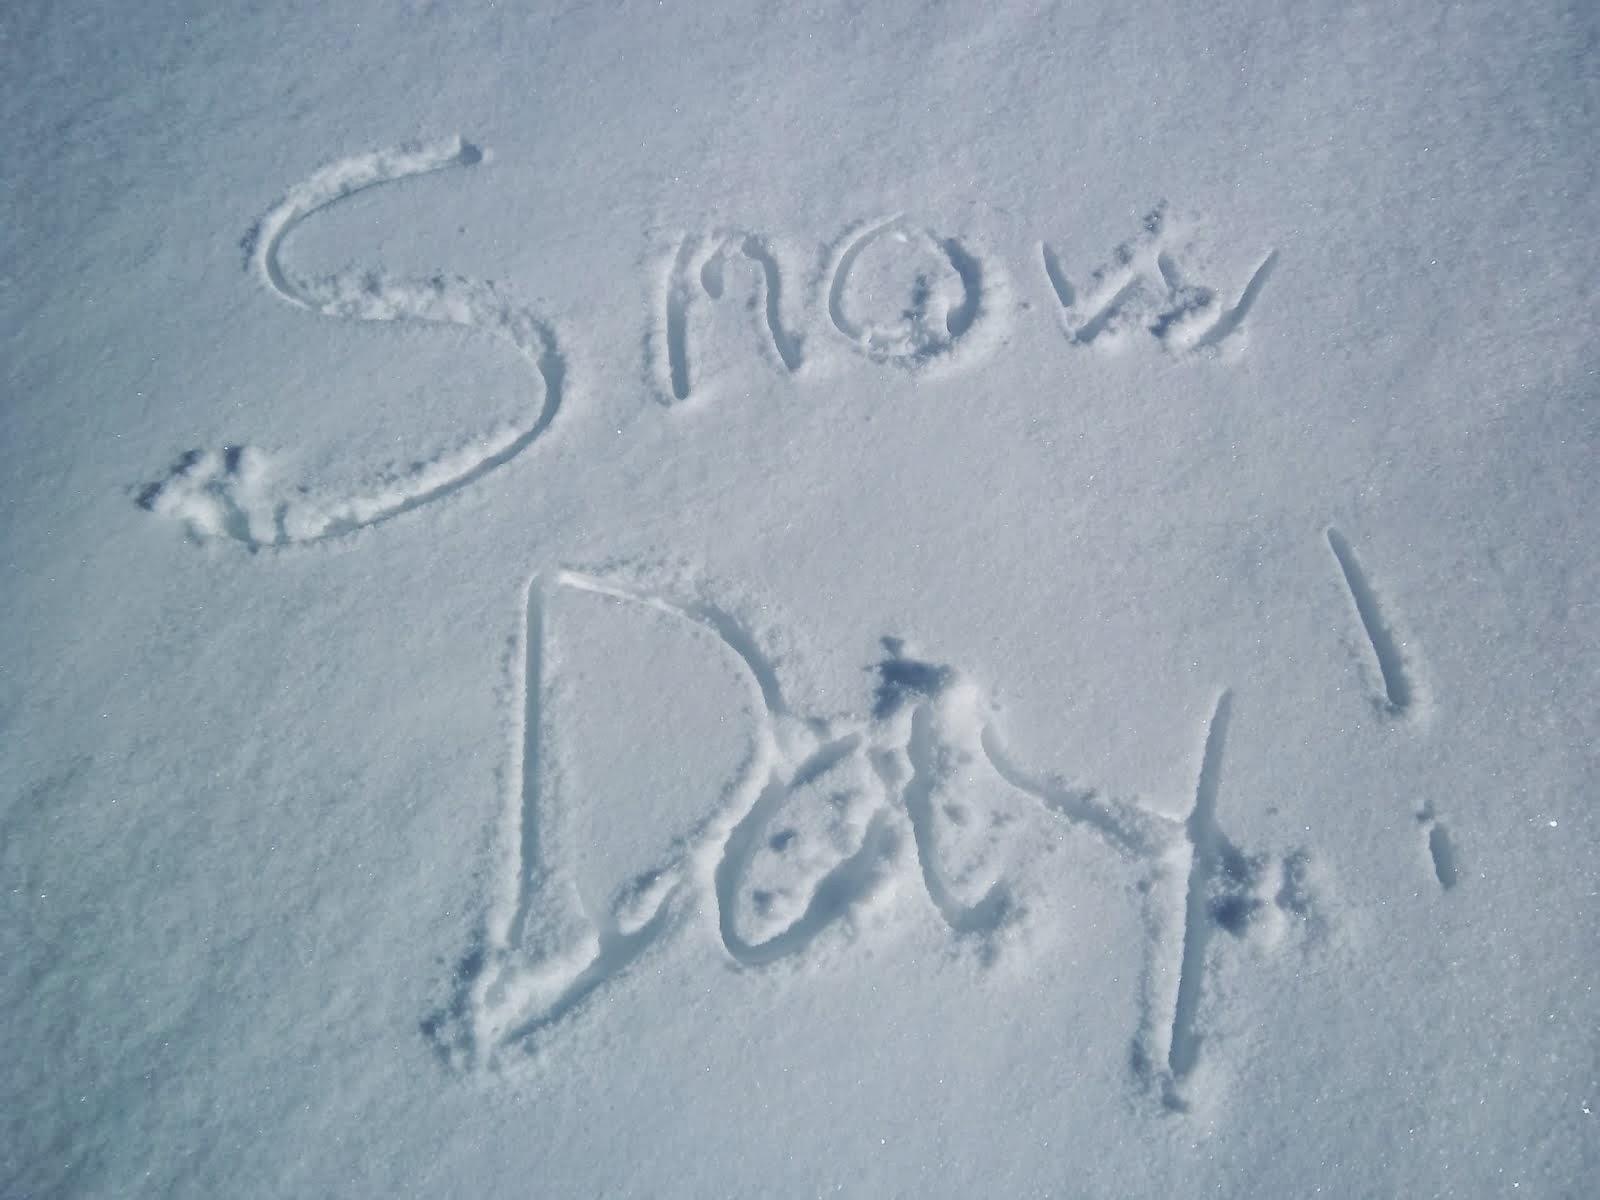 snow storm essay